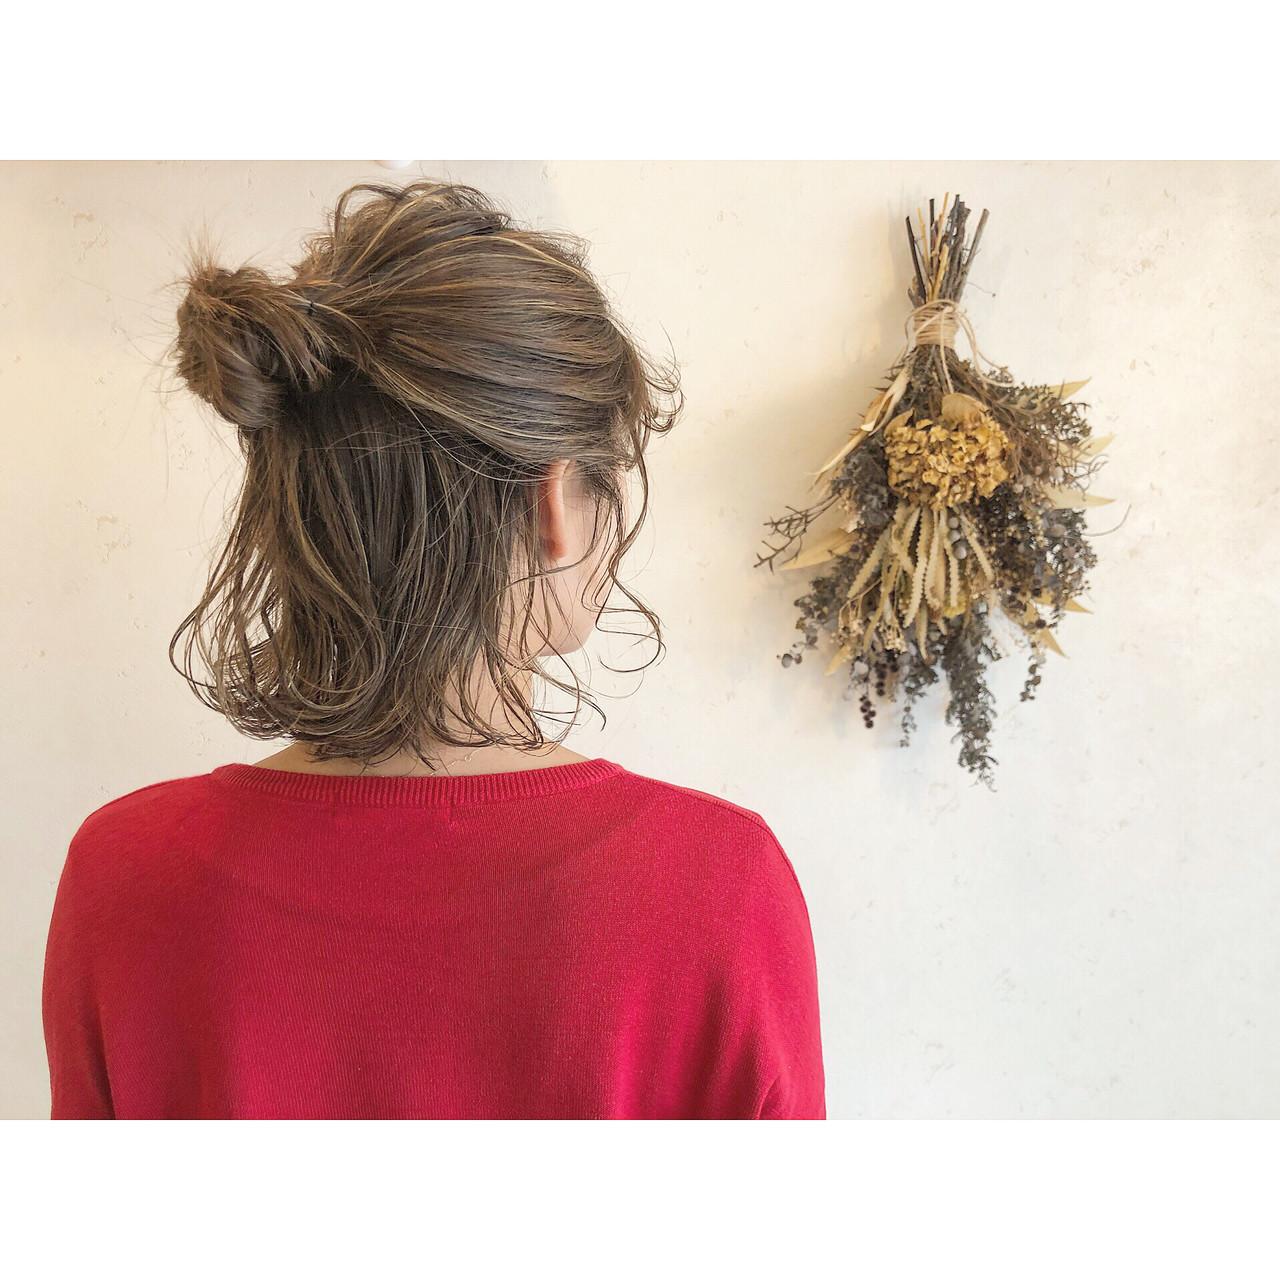 ボブ お団子アレンジ ナチュラル ハーフアップ ヘアスタイルや髪型の写真・画像